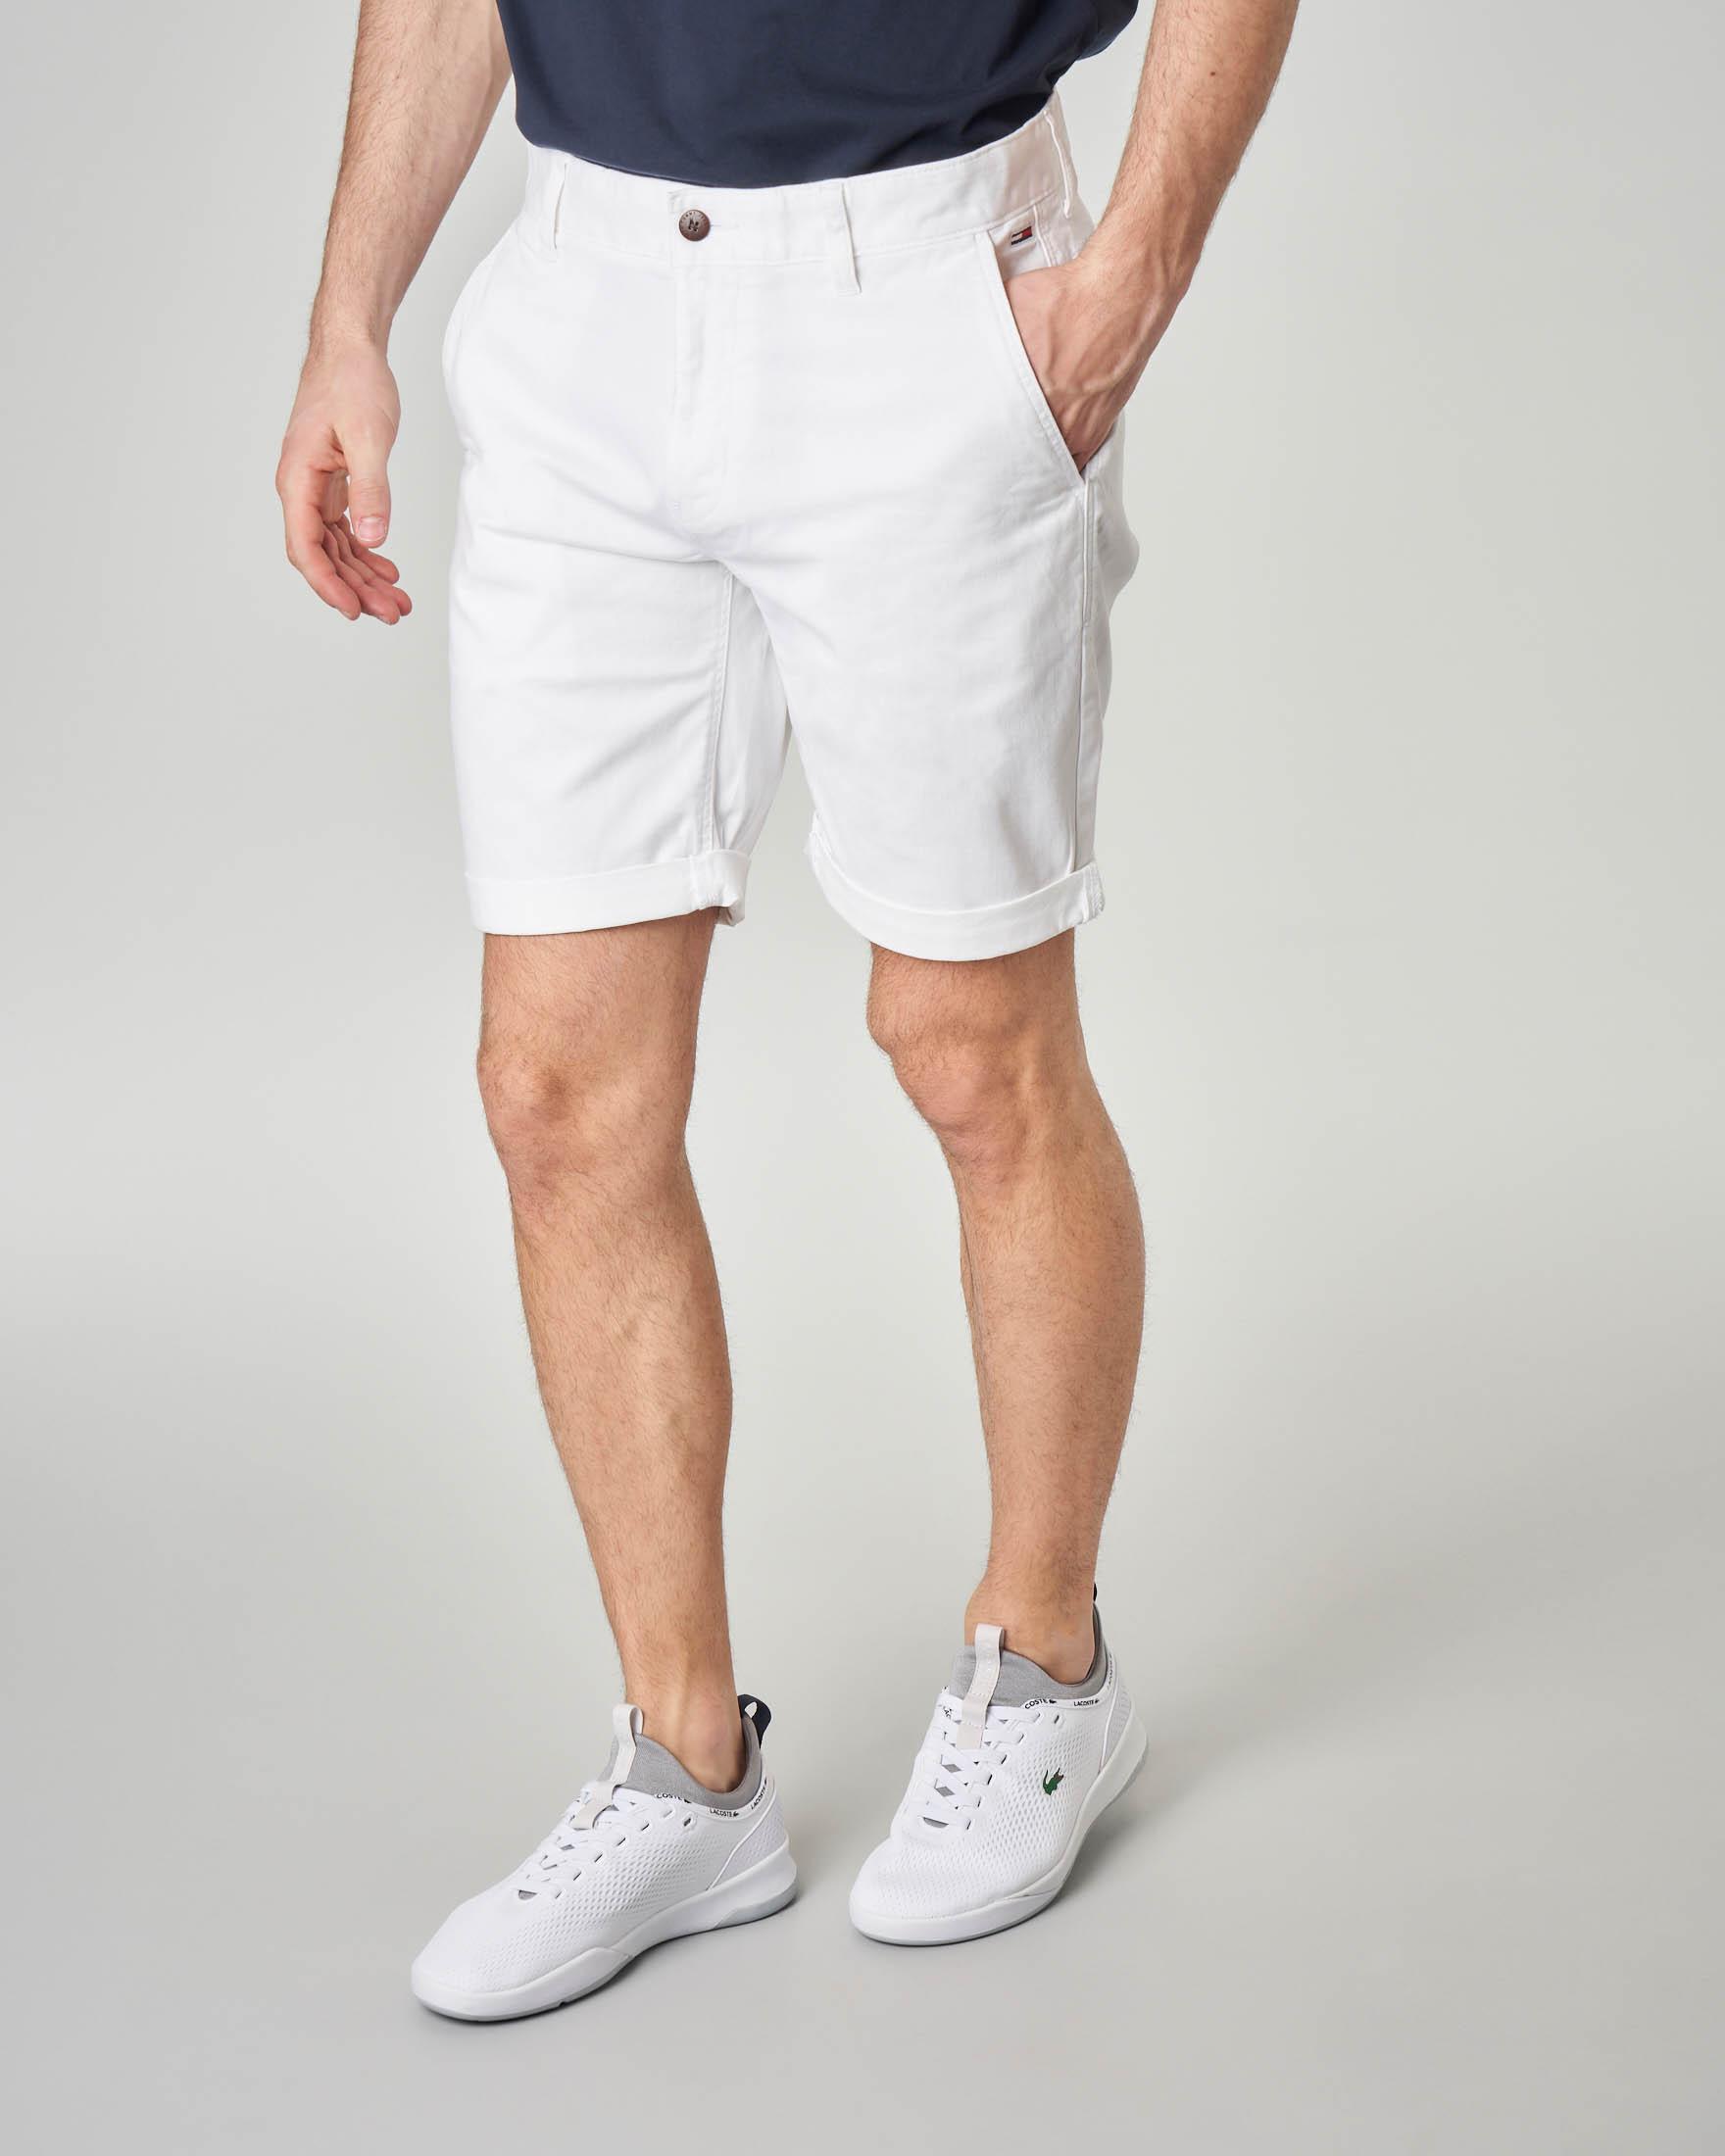 Bermuda chino bianco in cotone elasticizzato